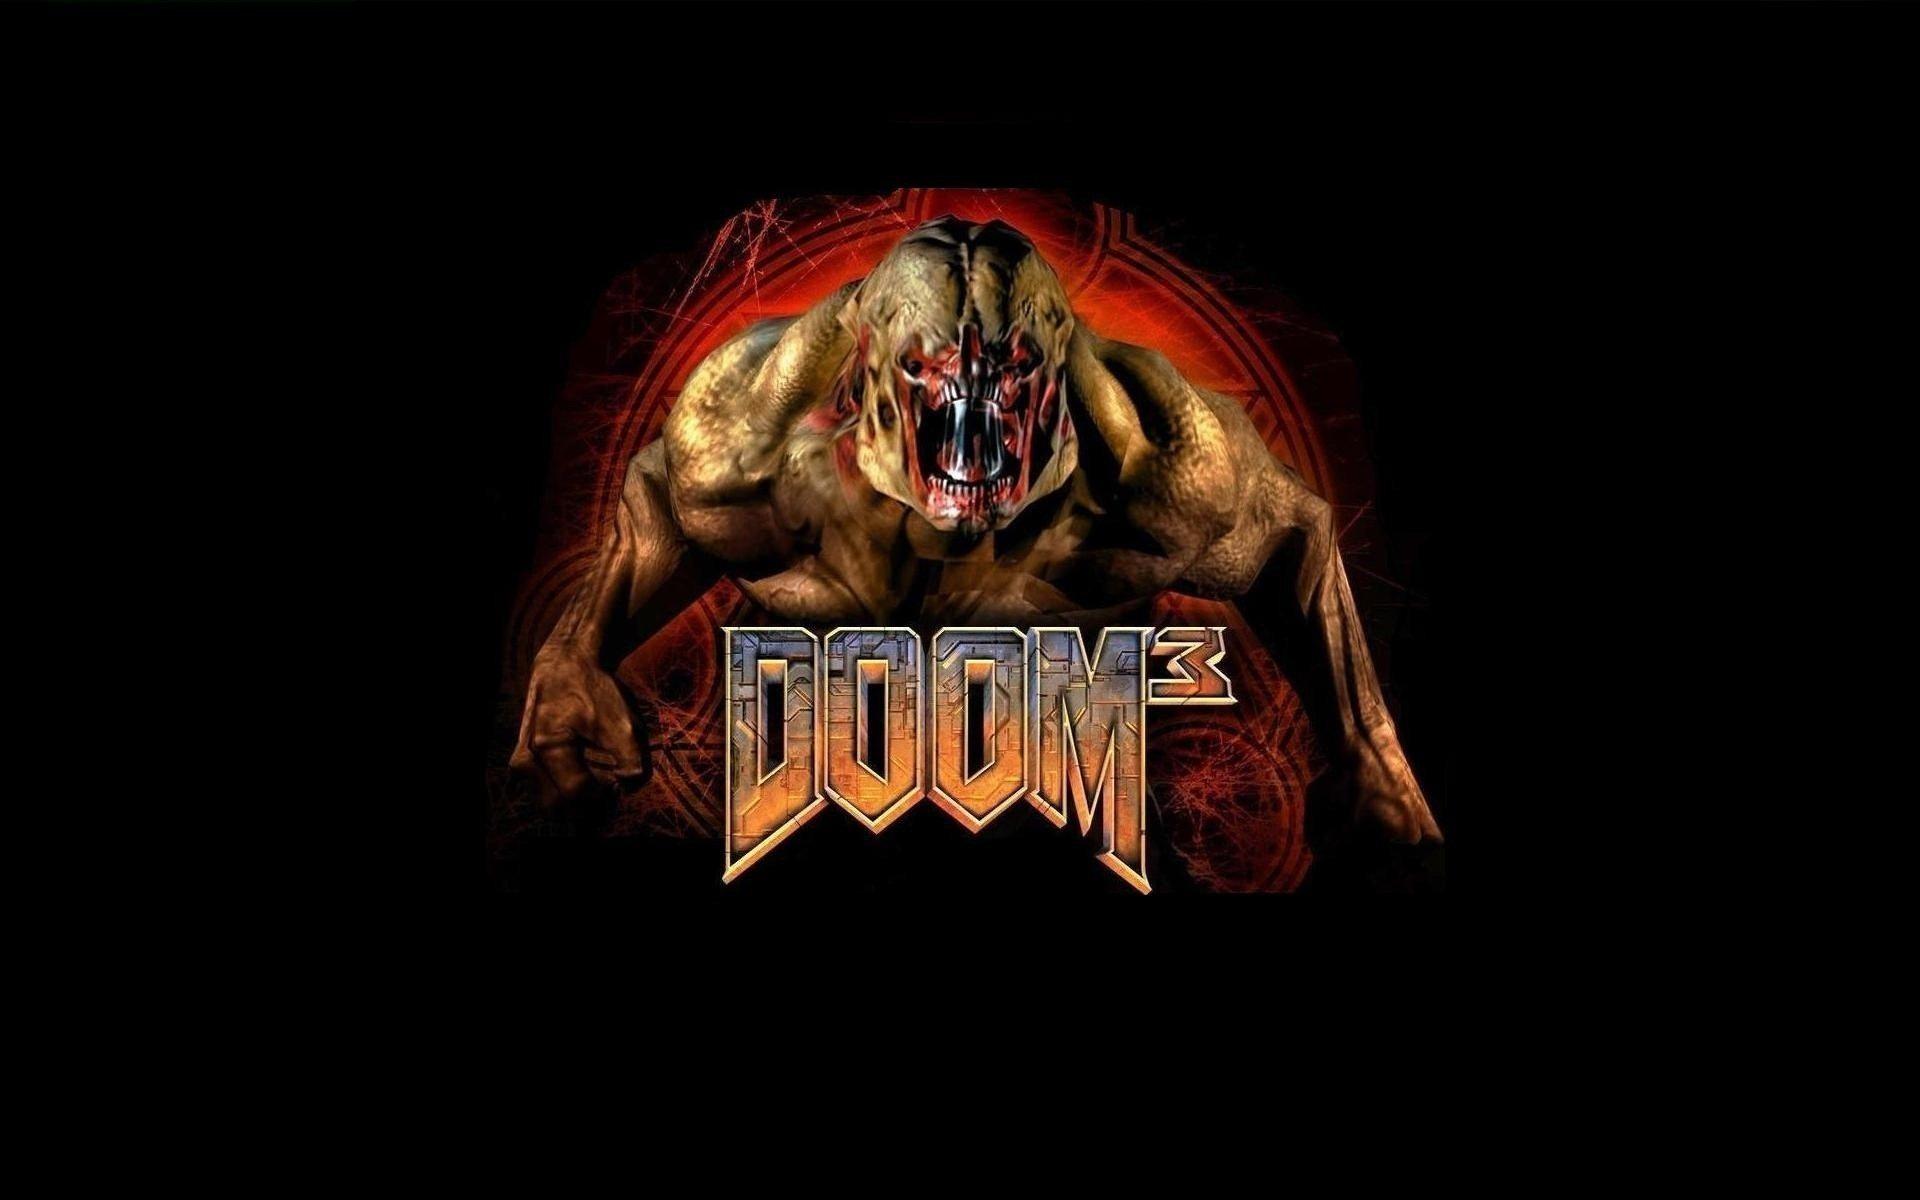 Doom-3-Wallpapers-1